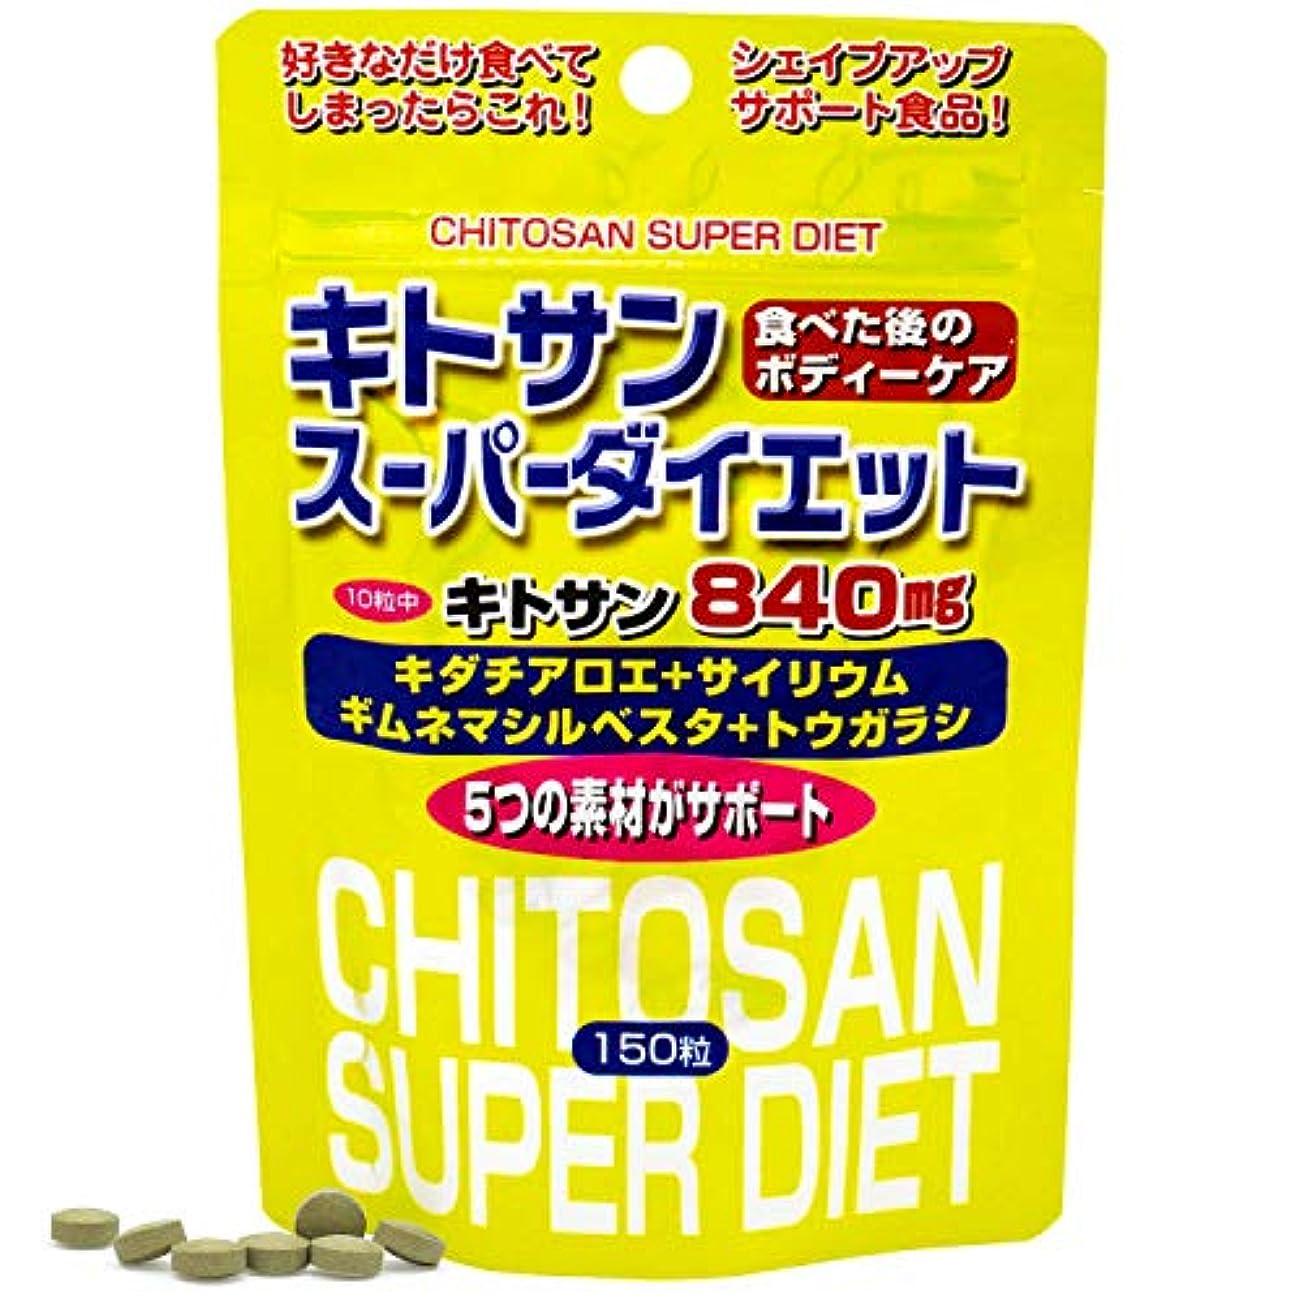 インテリアトラック用語集ユウキ製薬 スタンドパック キトサンスーパーダイエット 15-21日分 150粒